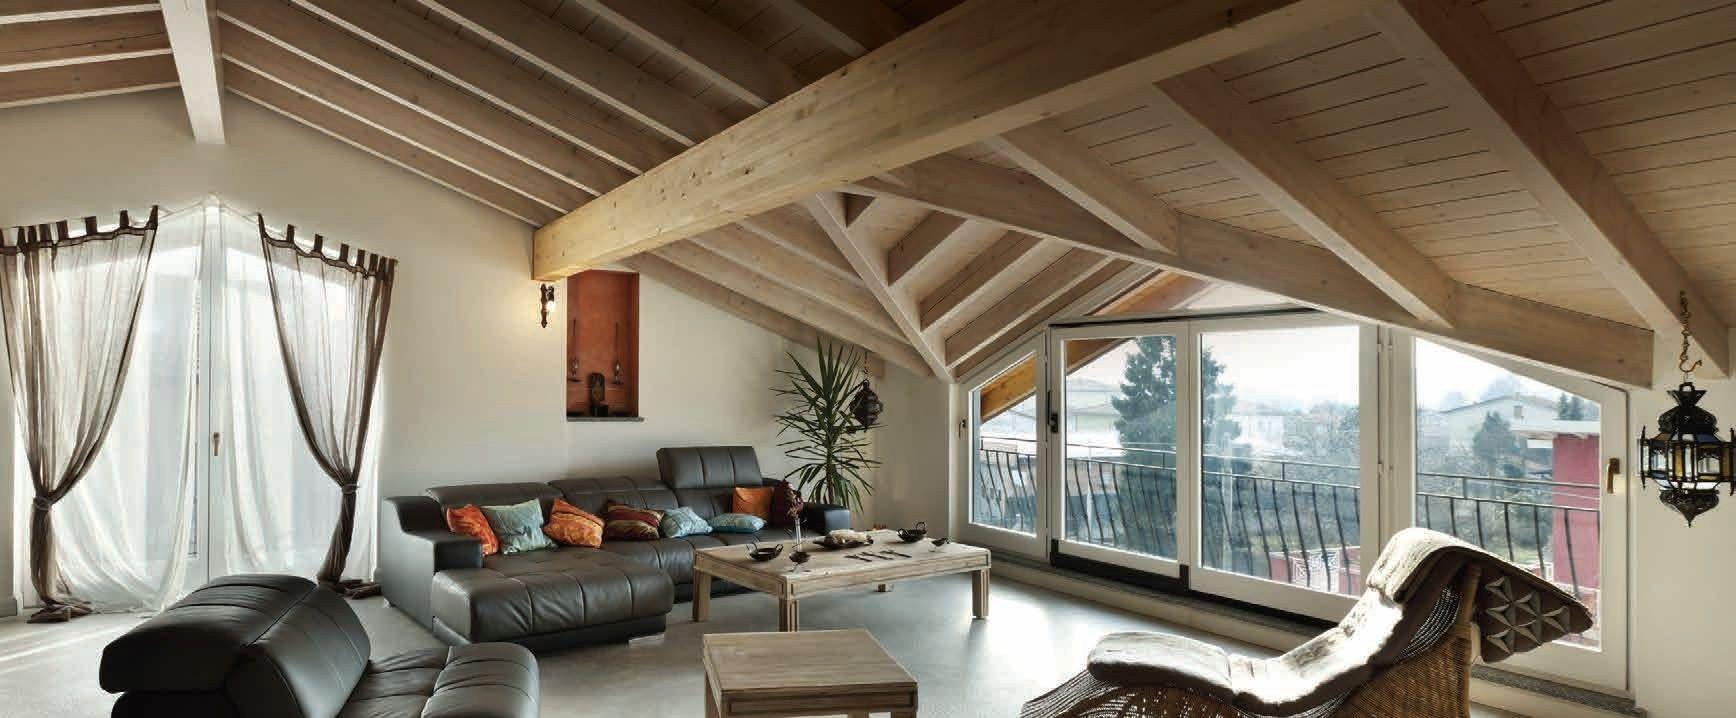 Herreria idee balcone - Tetto in legno bianco ...